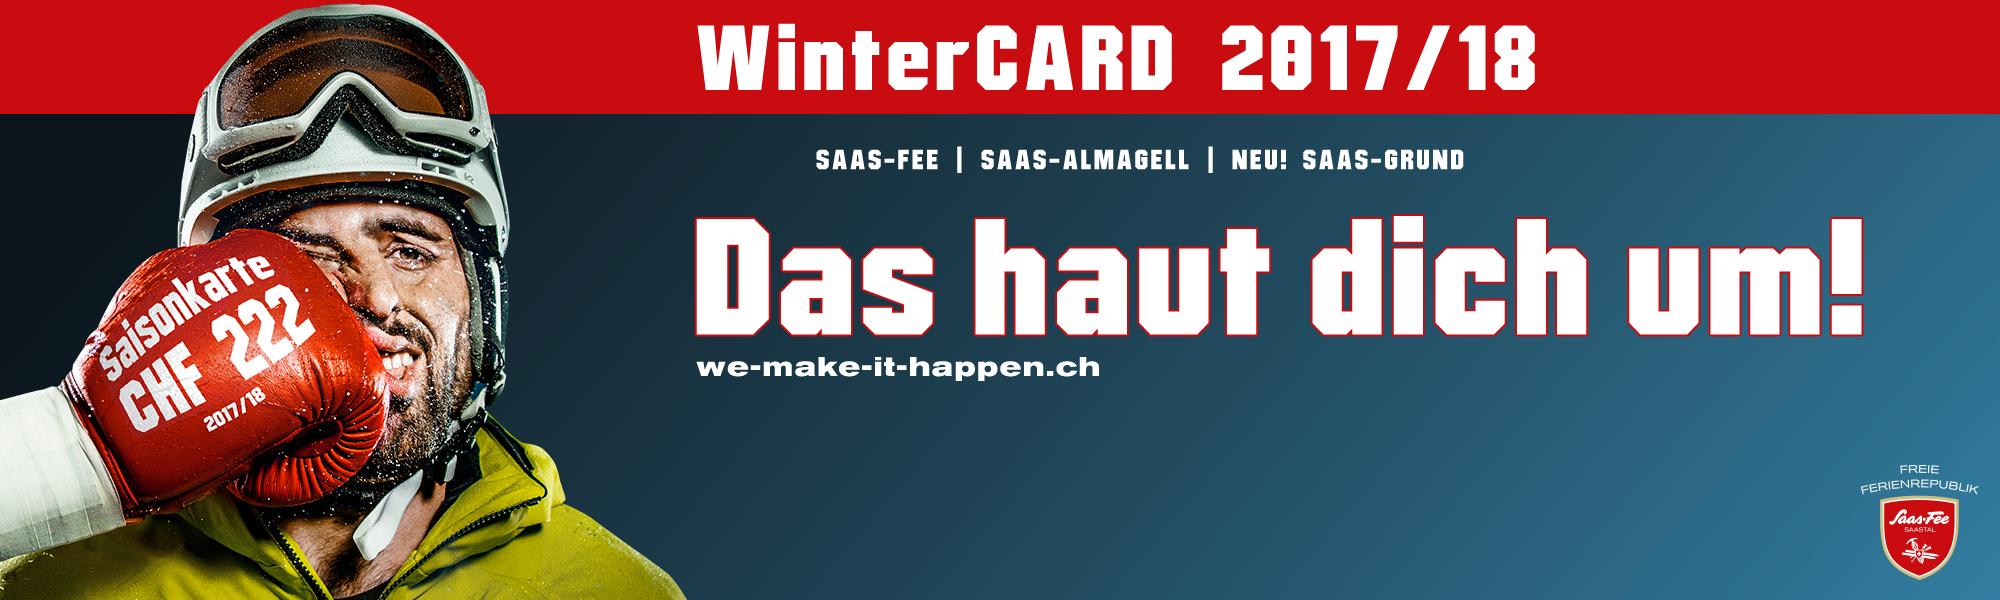 WinterCard mit Saas-Grund in Saas-Fee